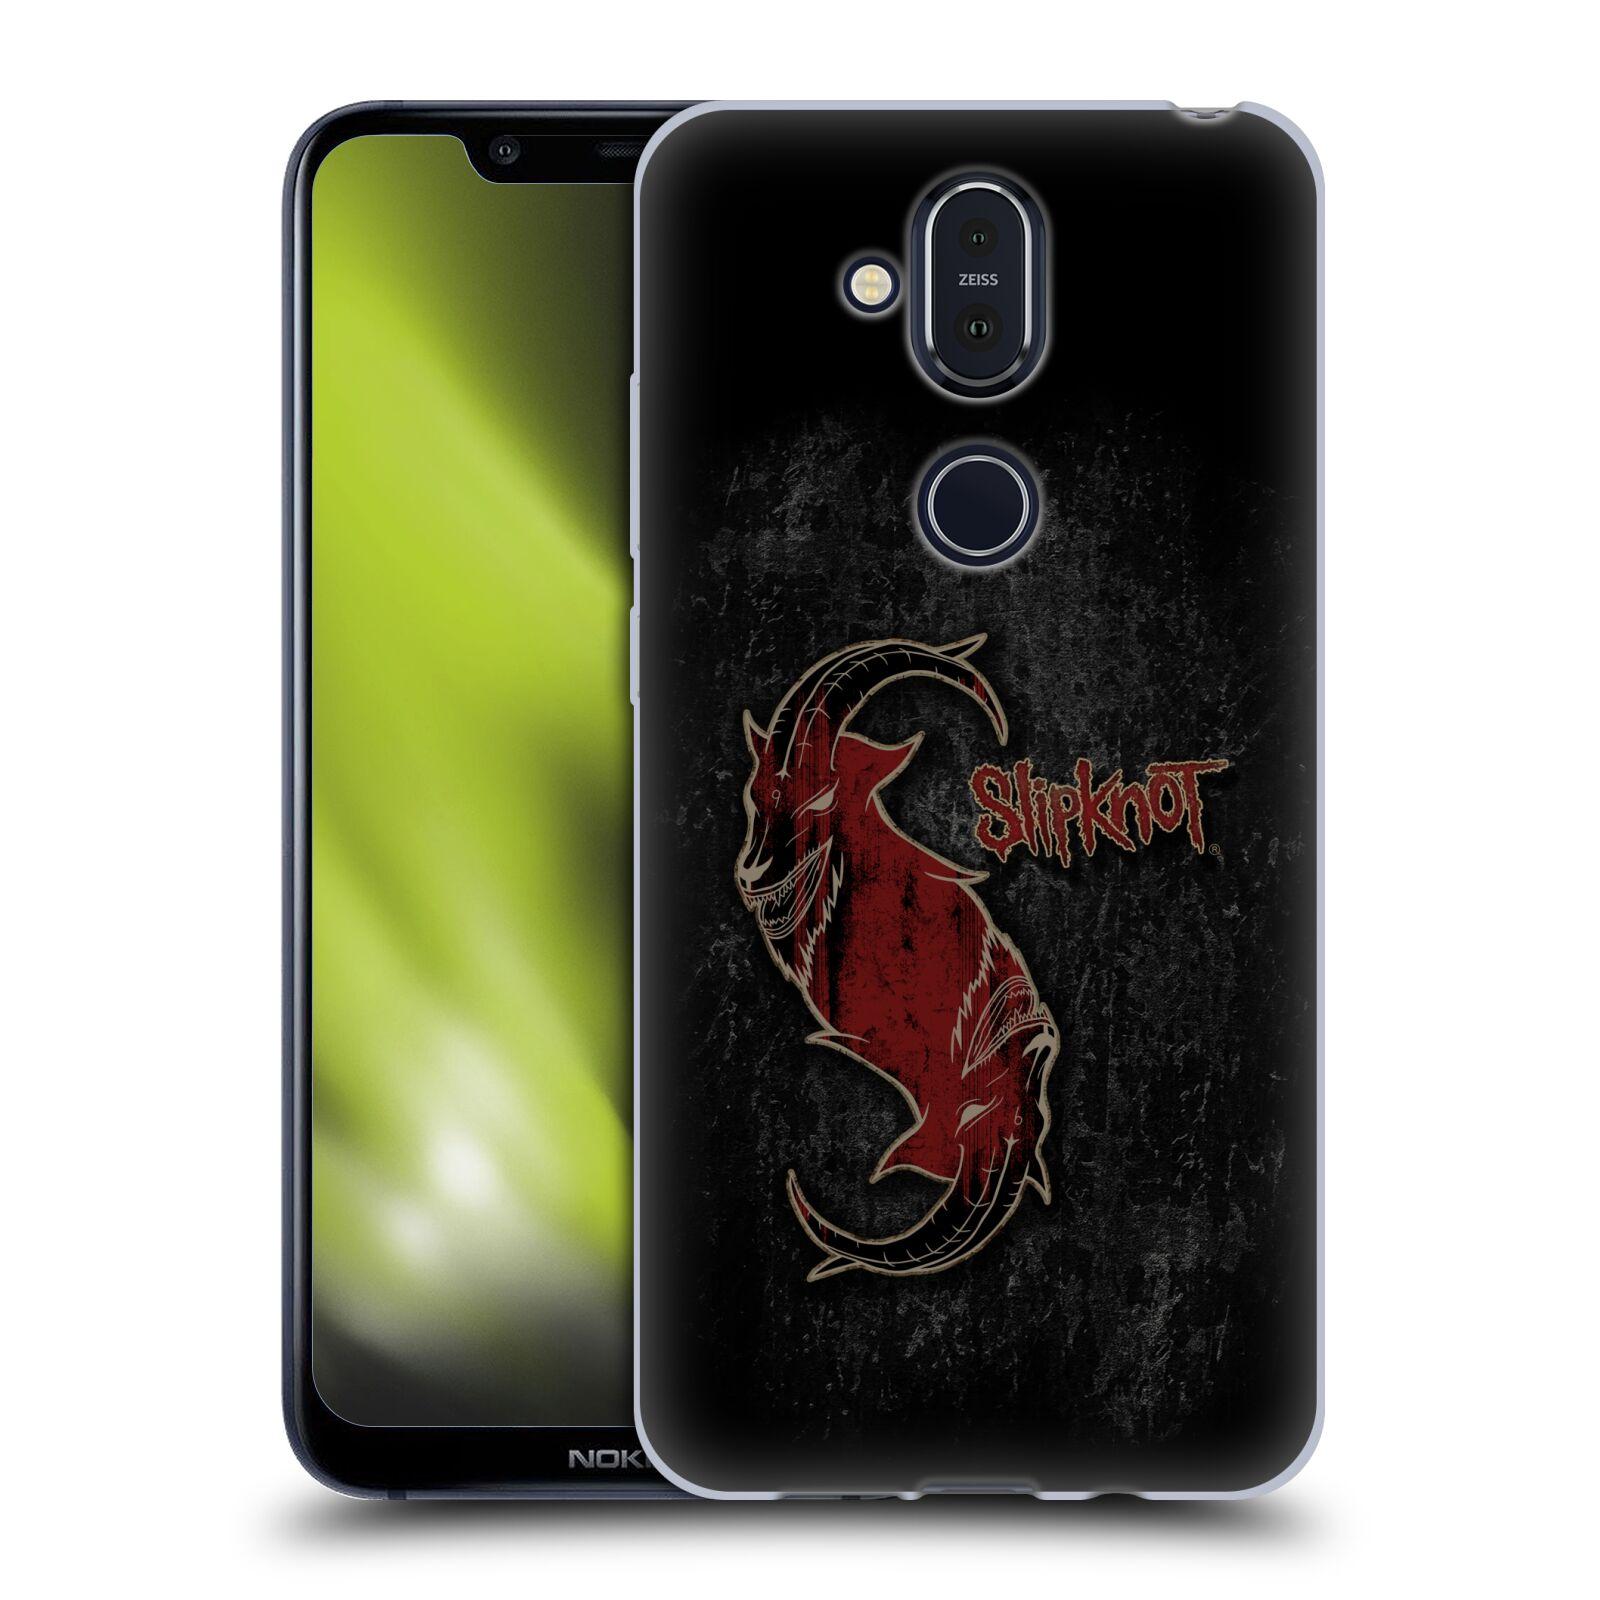 Silikonové pouzdro na mobil Nokia 8.1 - Head Case - Slipknot - Rudý kozel